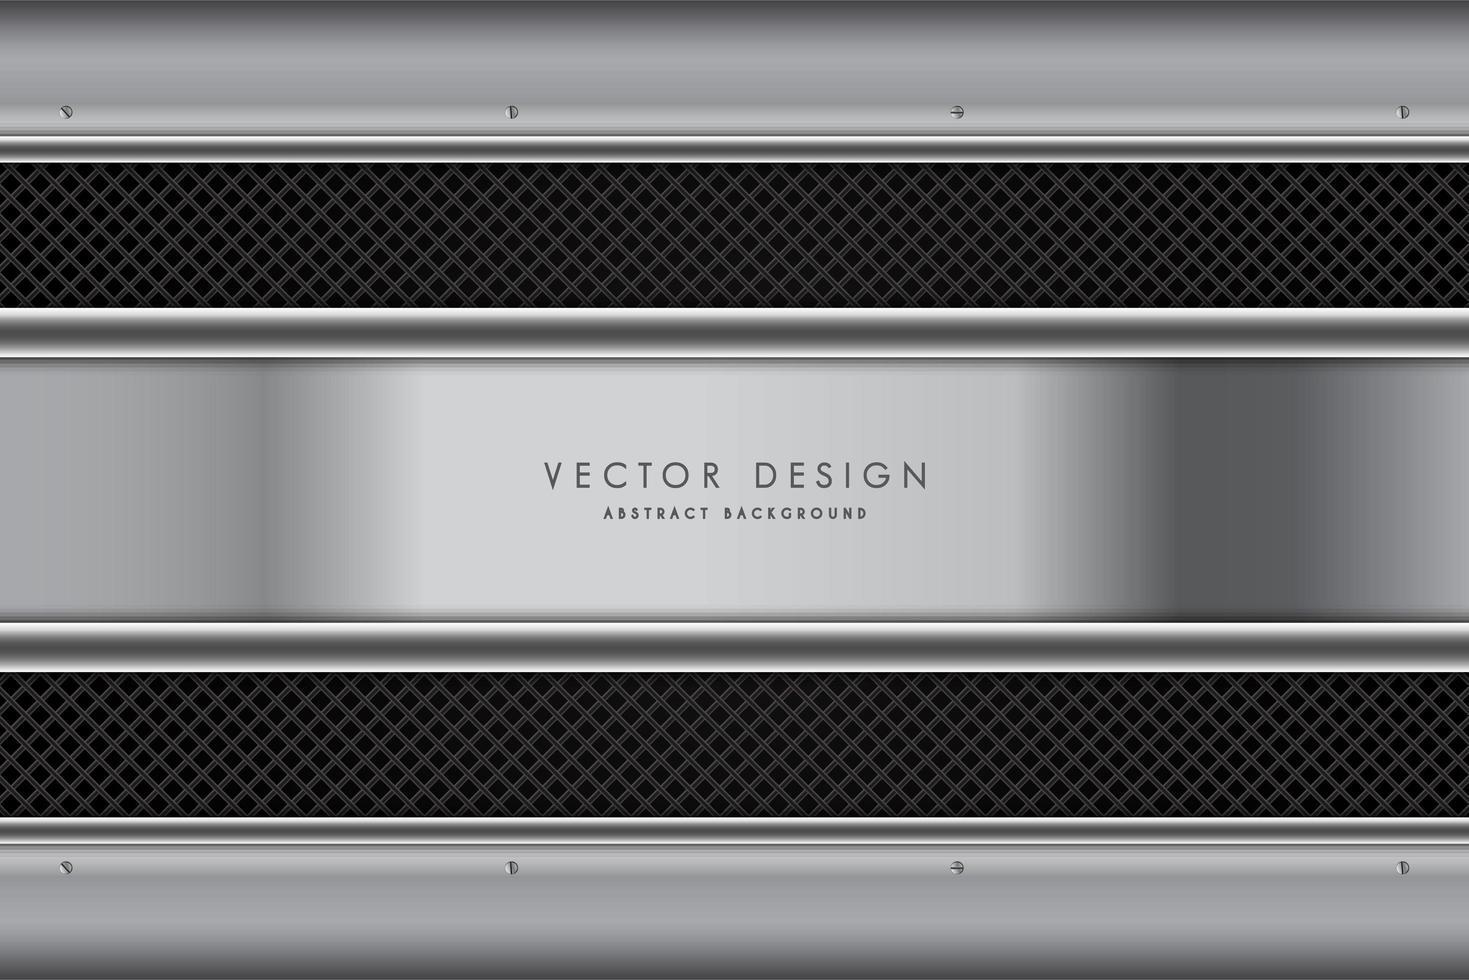 Fondo metálico gris oscuro con tiras de fibra de carbono. vector